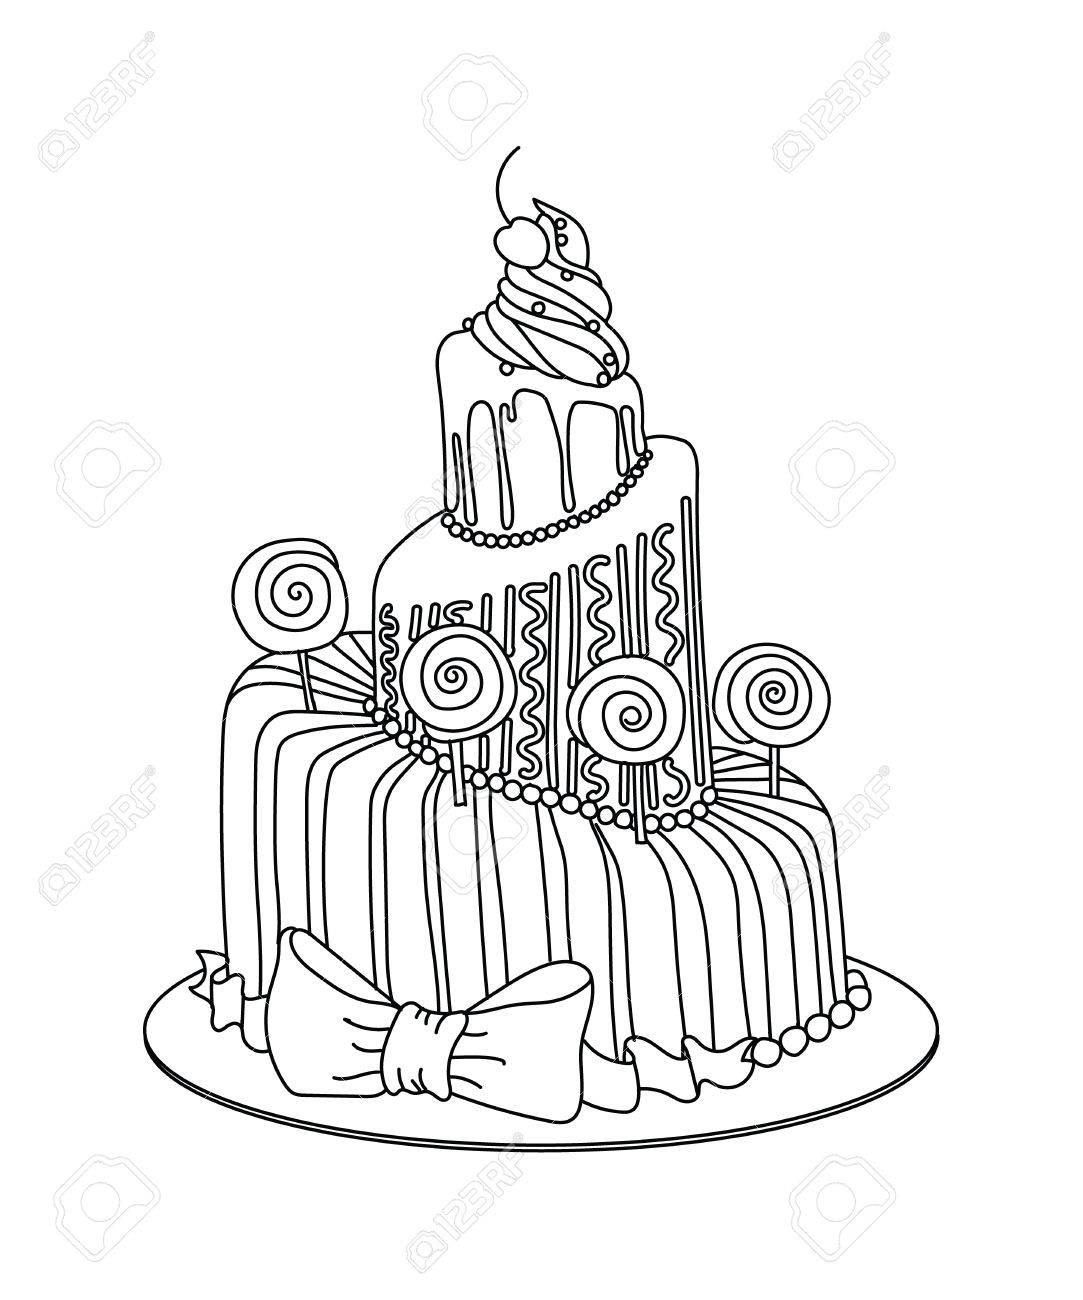 Celebration Hand Kuchen Skizze Mit Lutschern Gezeichnet Grafische